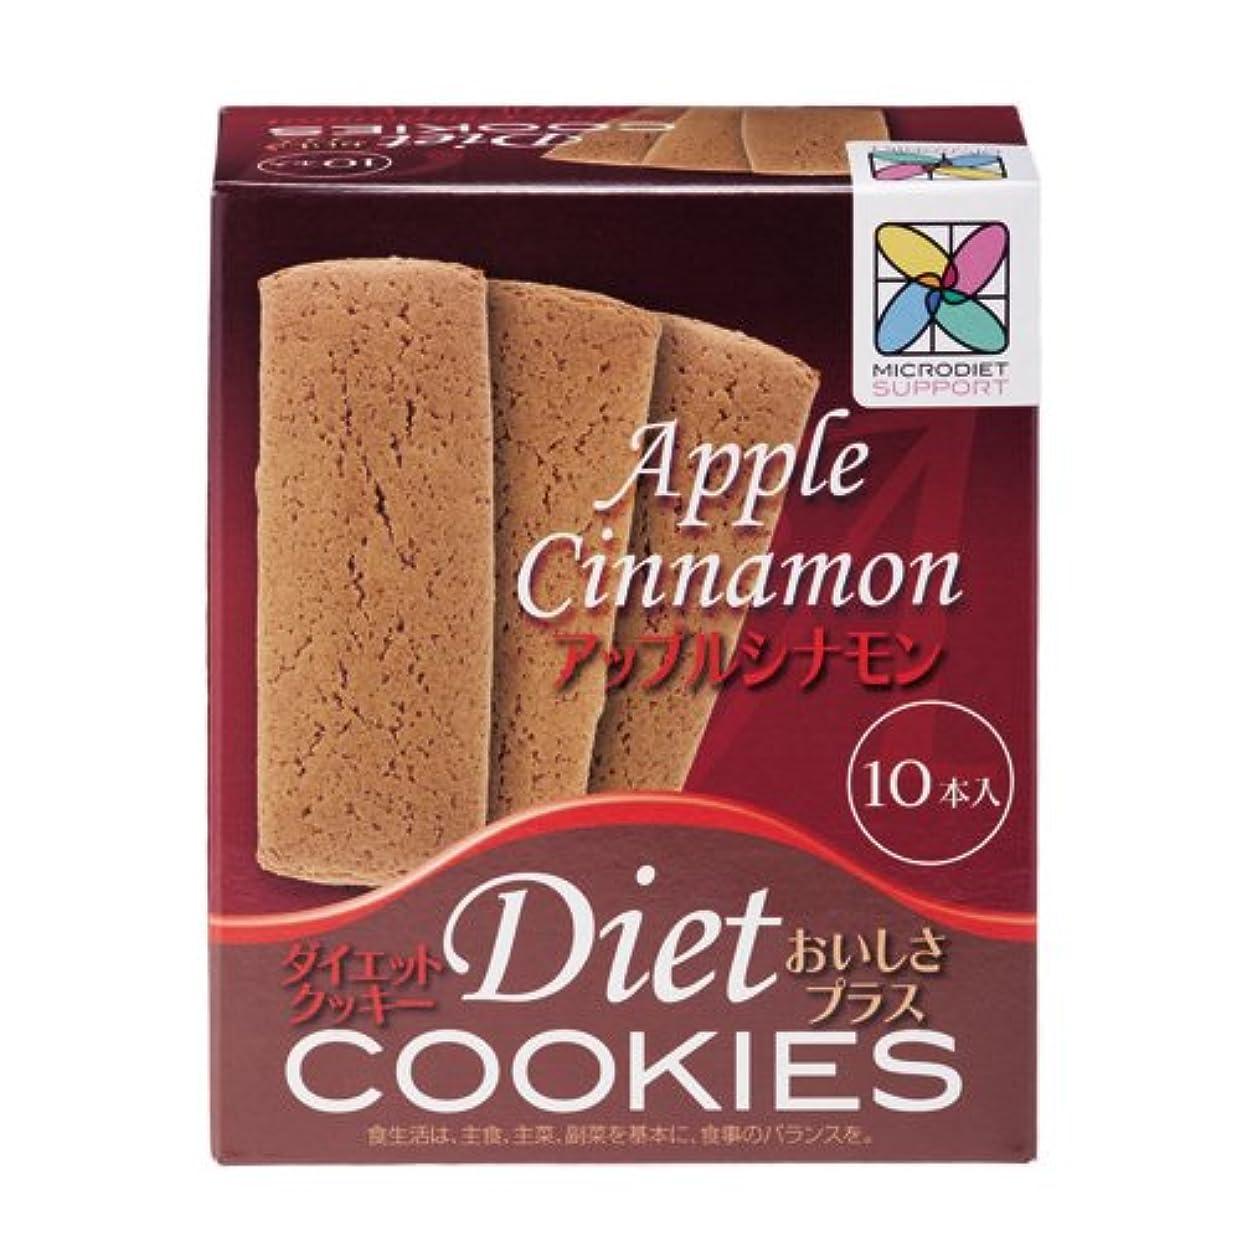 バリー標準体系的にダイエットクッキーおいしさプラス(アップルシナモン:1箱)(03754)